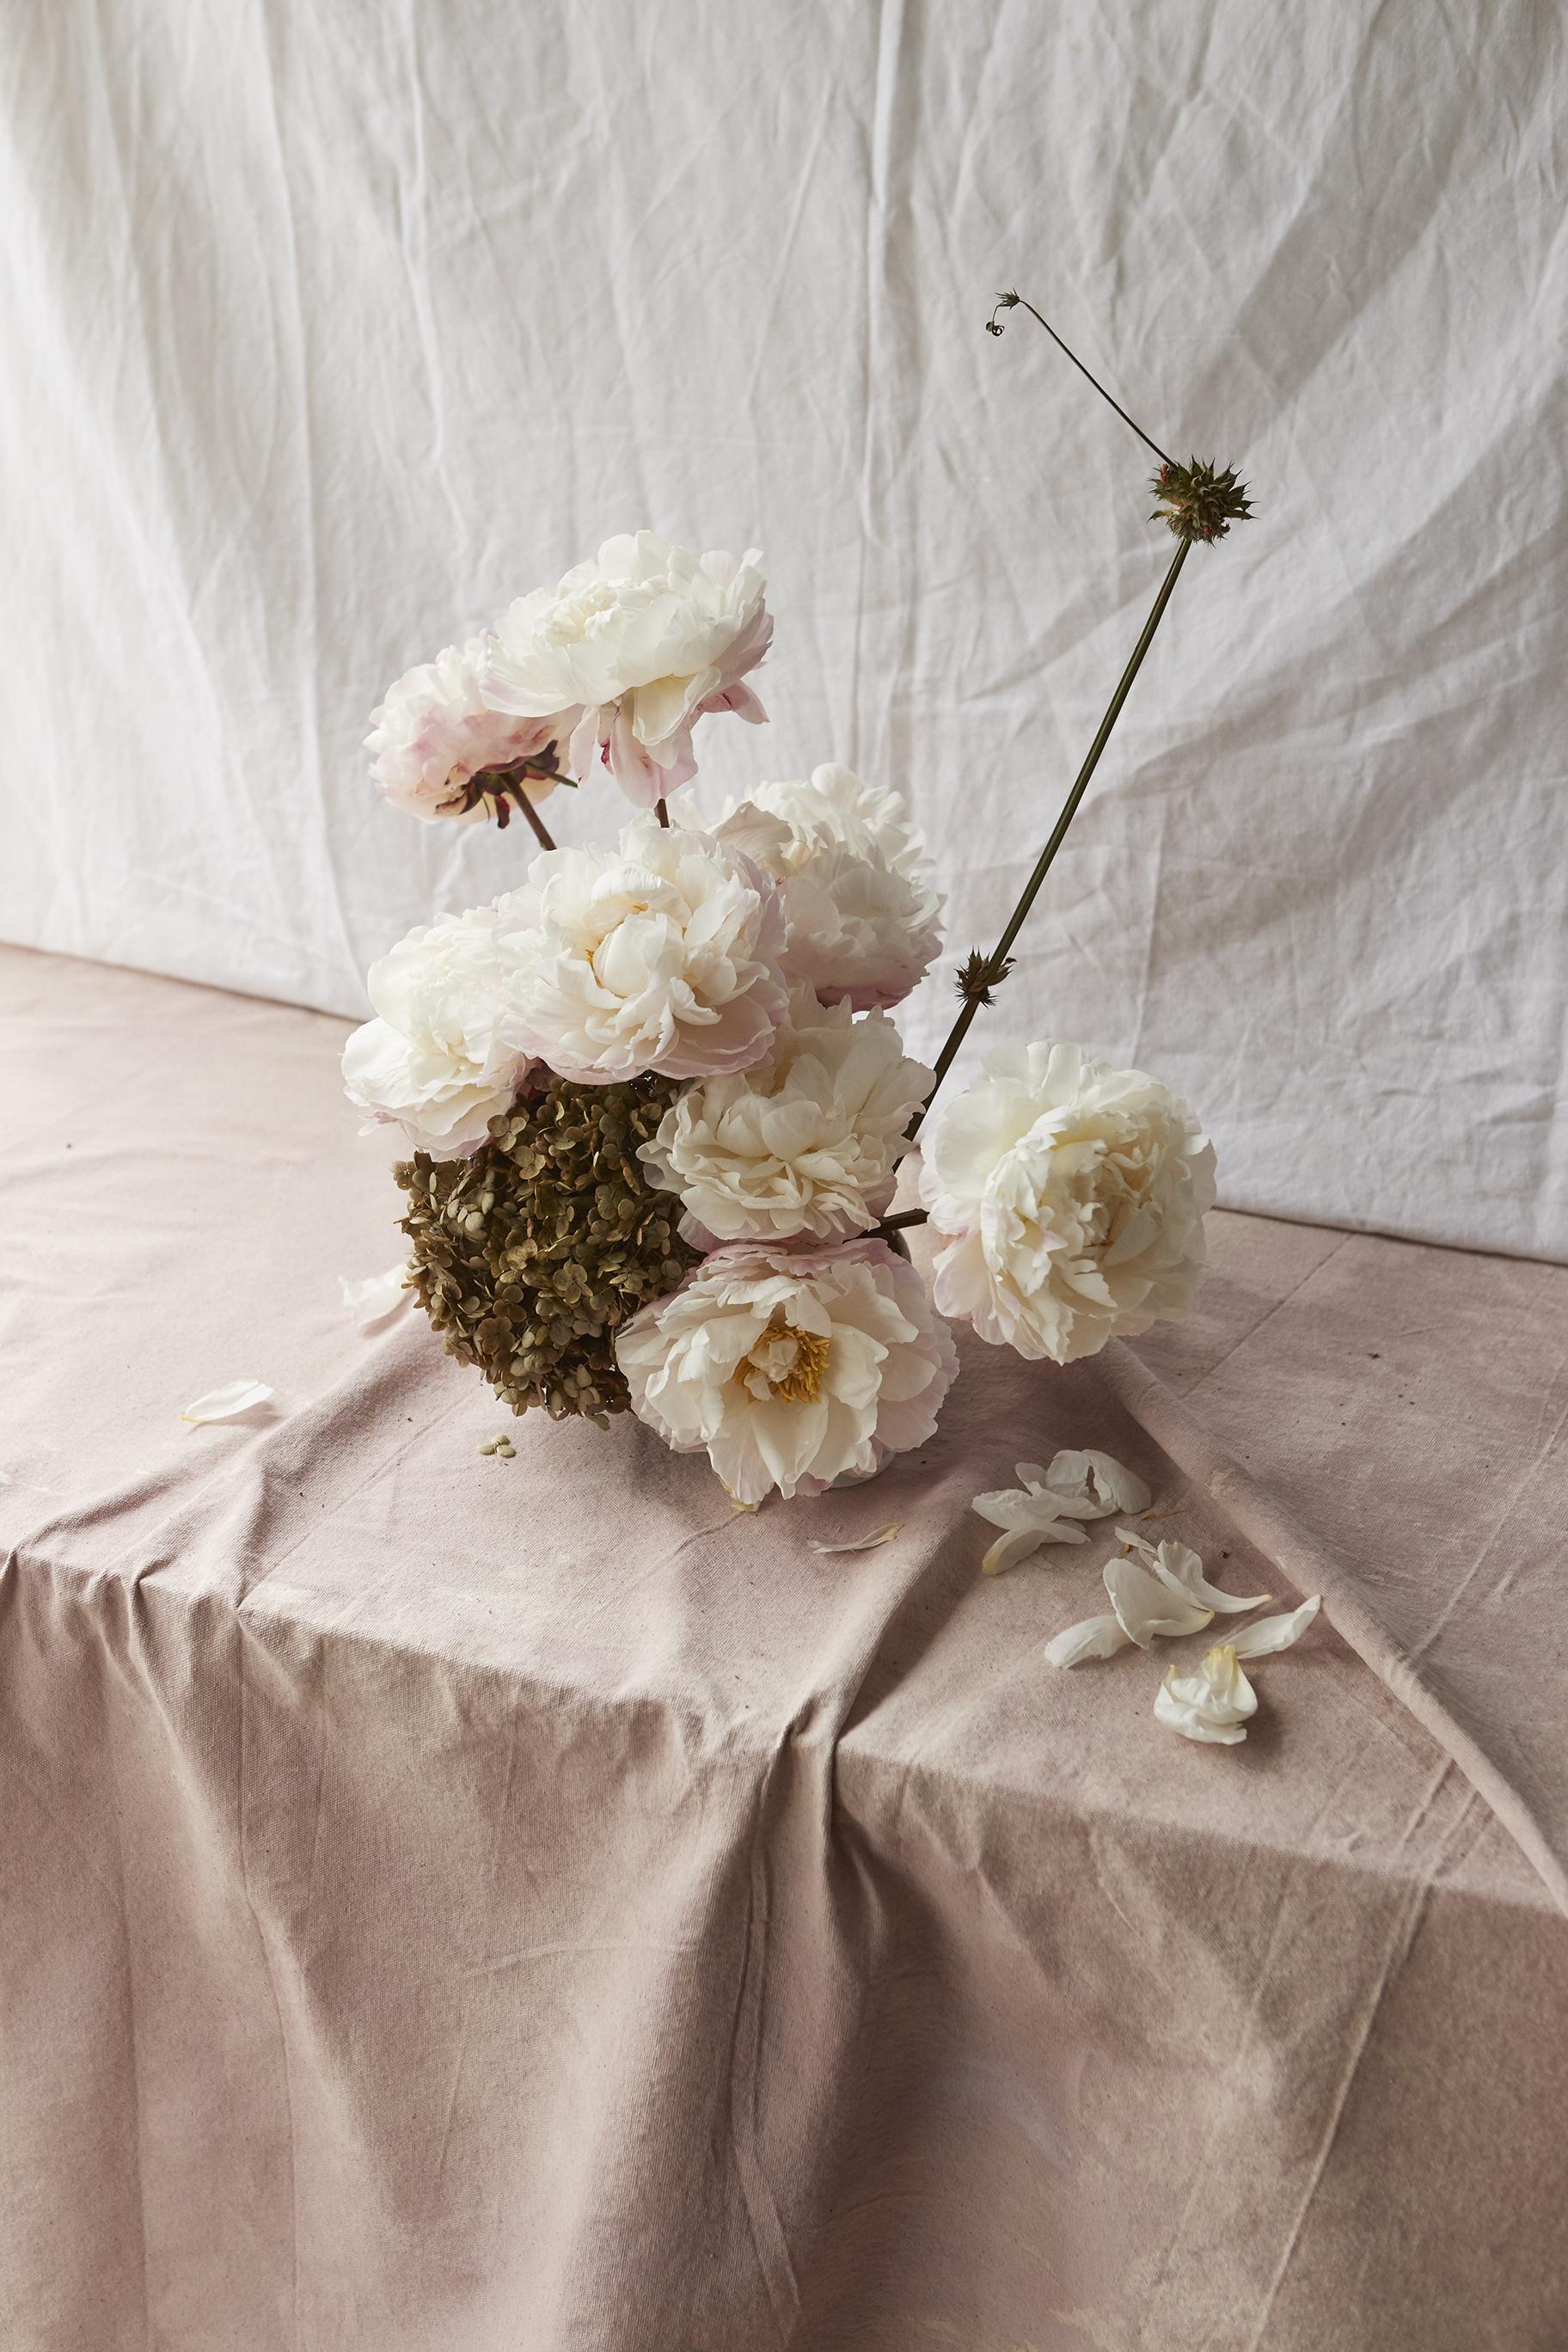 02_170611_FlowerSeekers_102.jpg